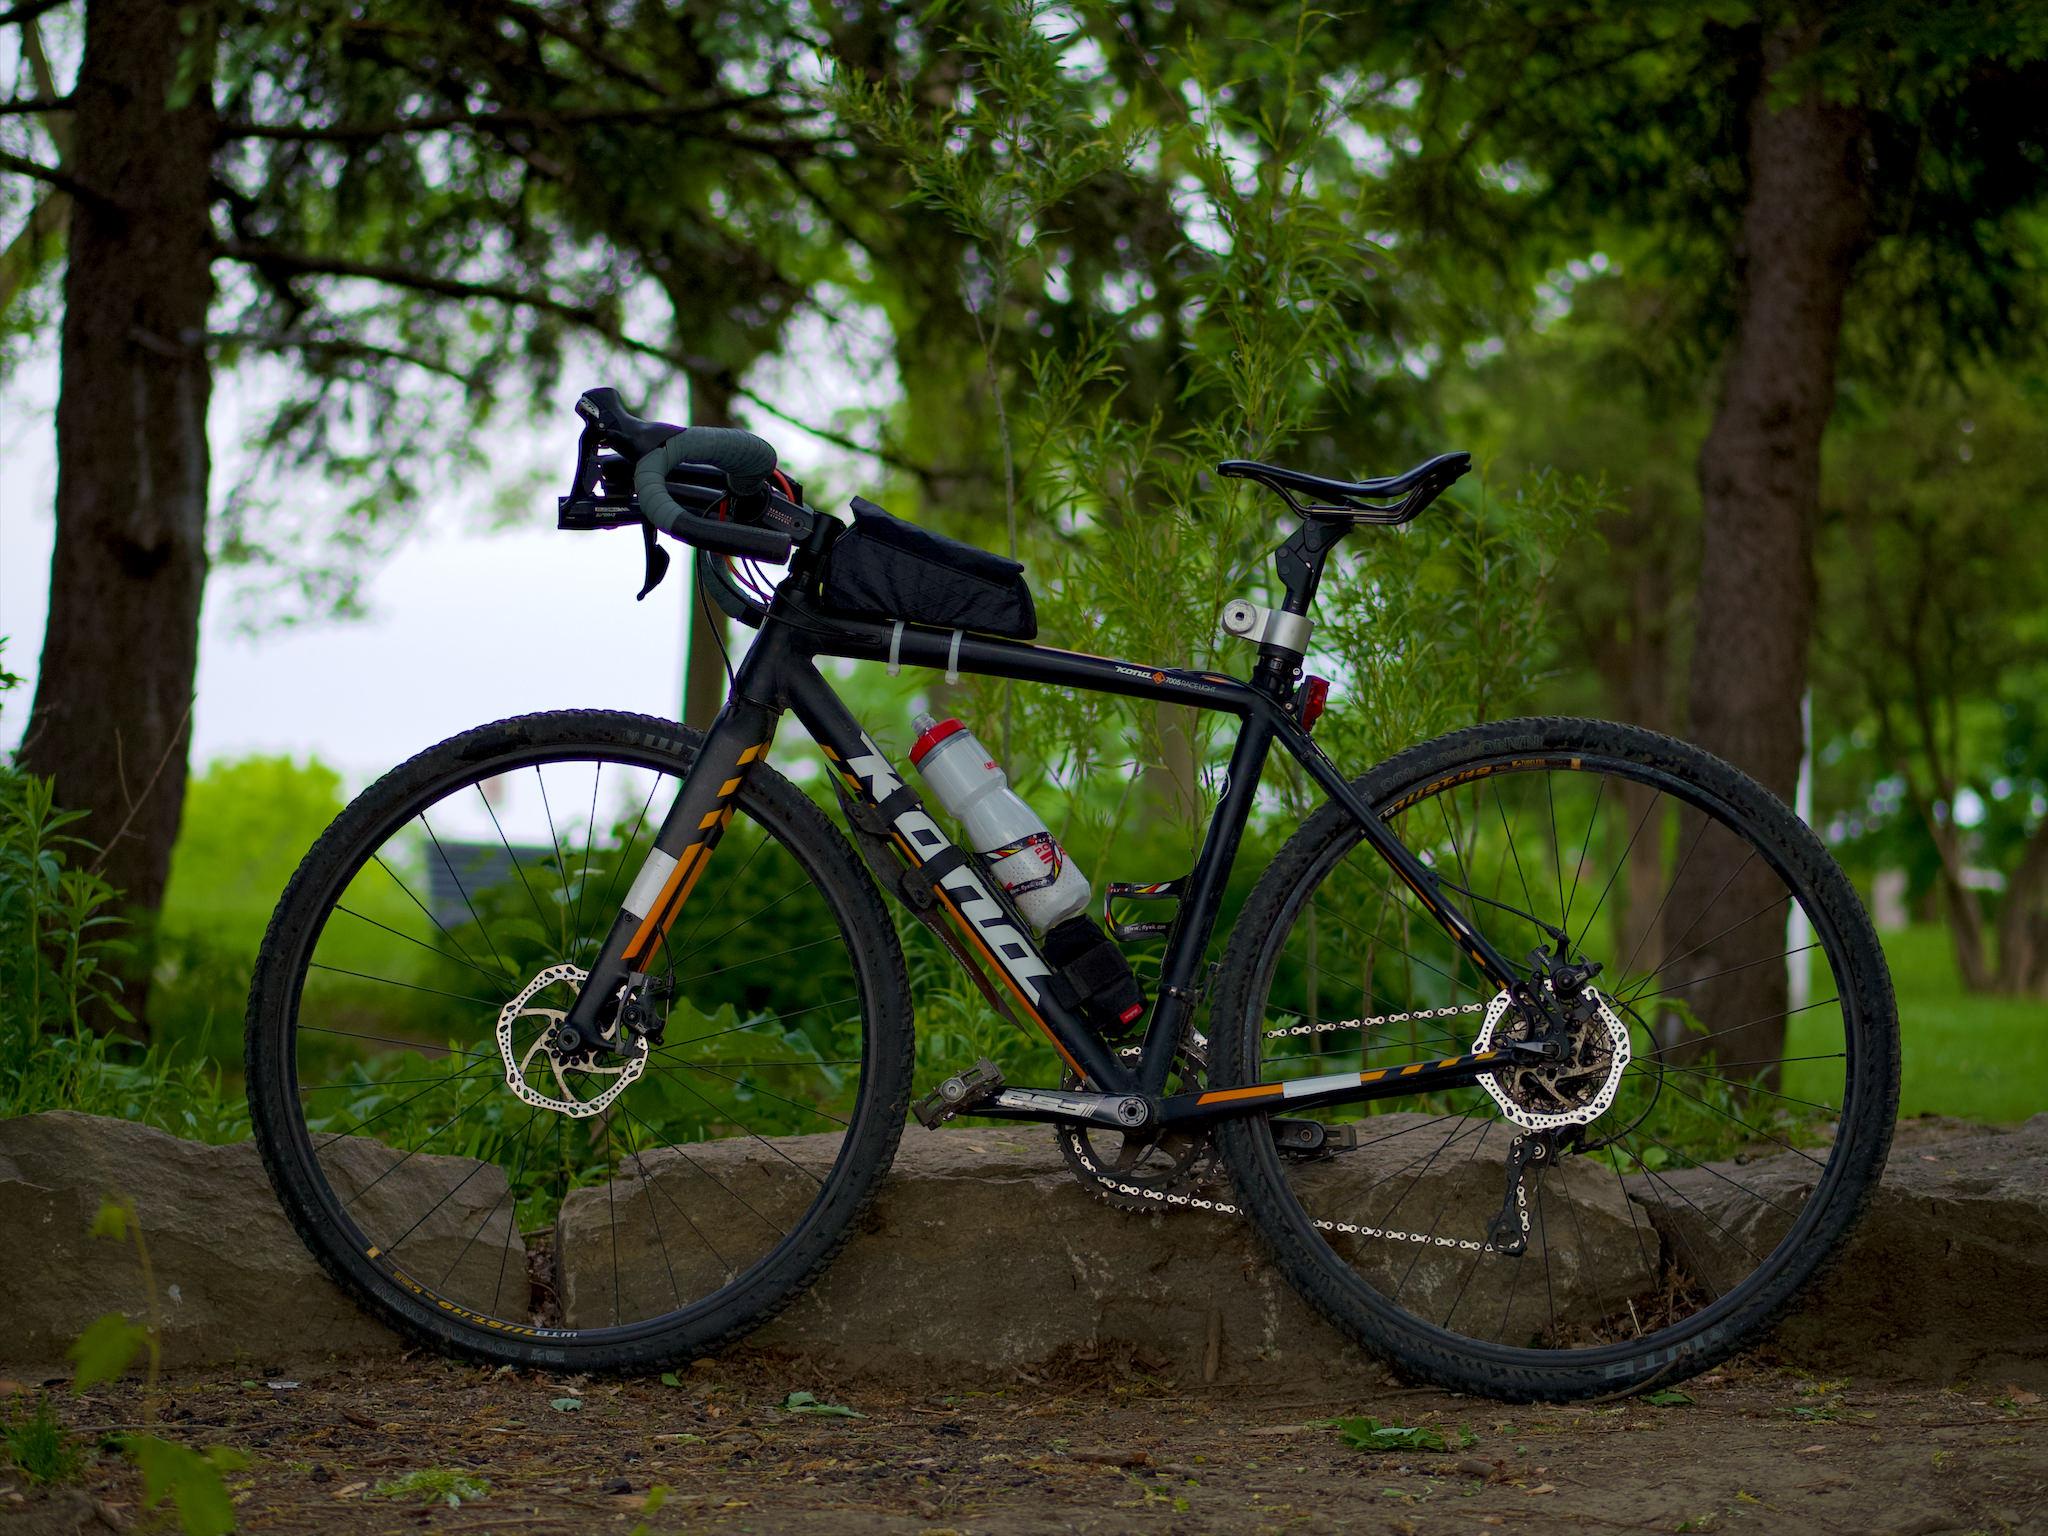 Une photo du vélo incluant les modifications.